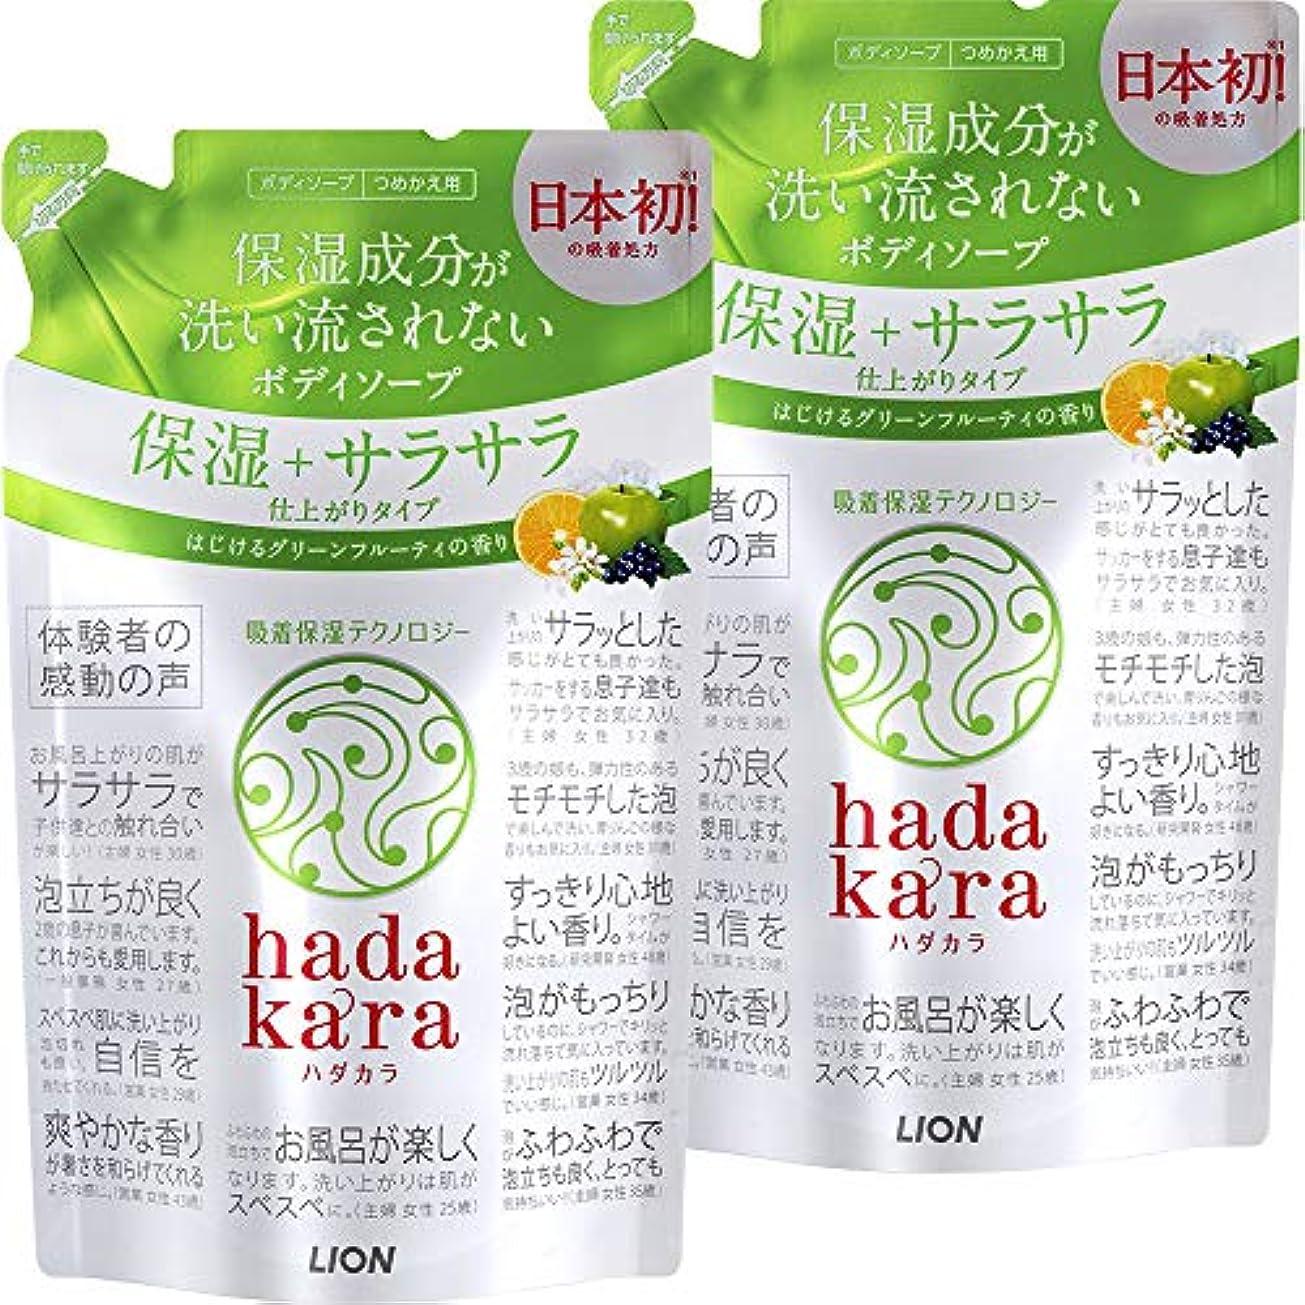 取り除く磁気比べる【まとめ買い】hadakara(ハダカラ) ボディソープ 保湿+サラサラ仕上がりタイプ グリーンフルーティの香り 詰め替え 340ml×2個パック